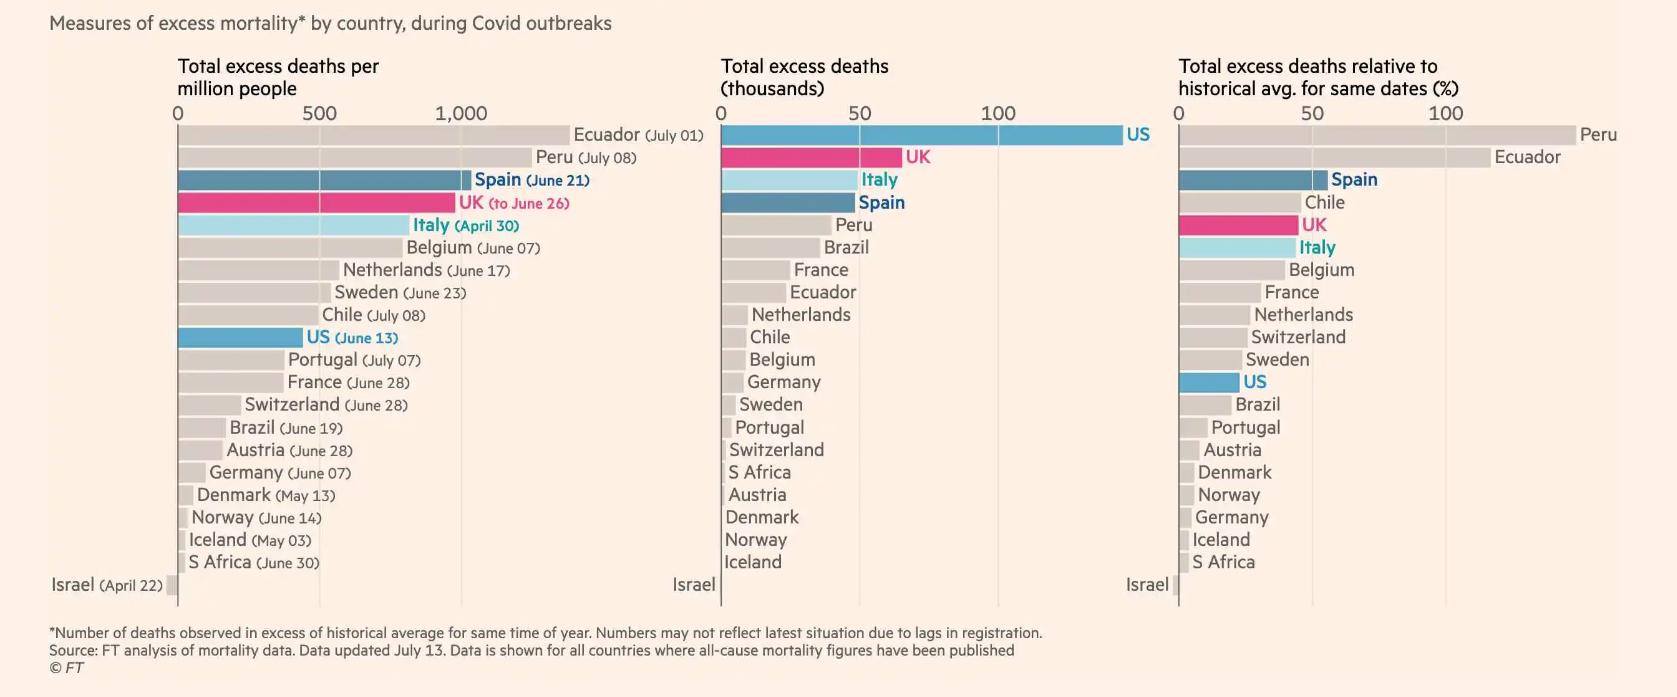 3-exceso-mortalidad-por-paises-covid-19.png